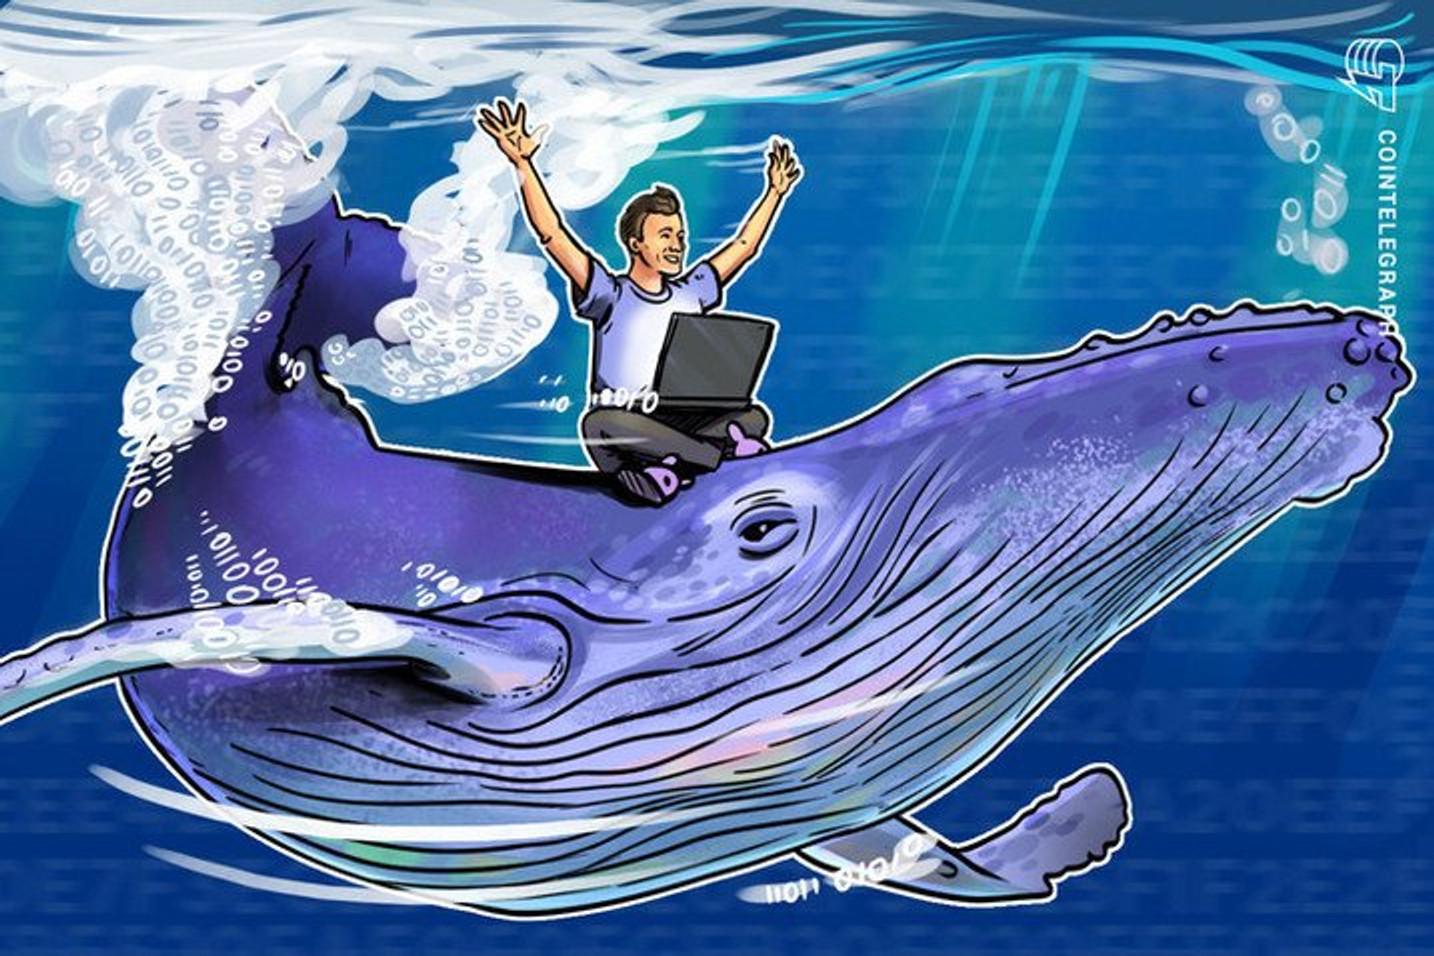 Baleias retiram 15.855 Bitcoins das exchanges em diversas transações